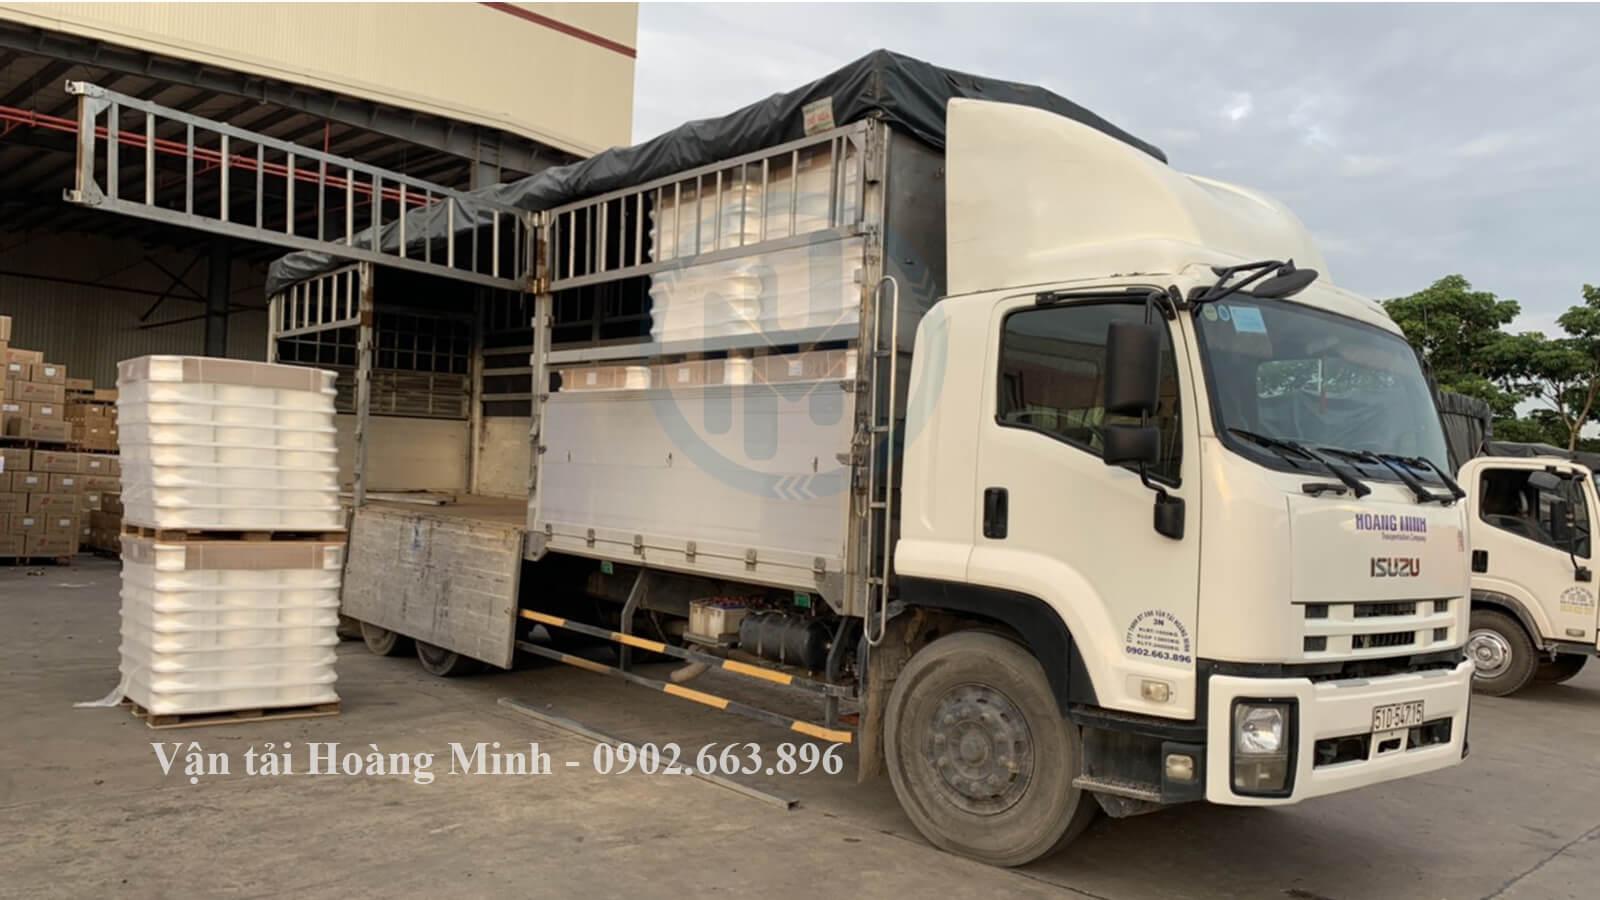 trọng tải kích thước thùng xe 15 tấn